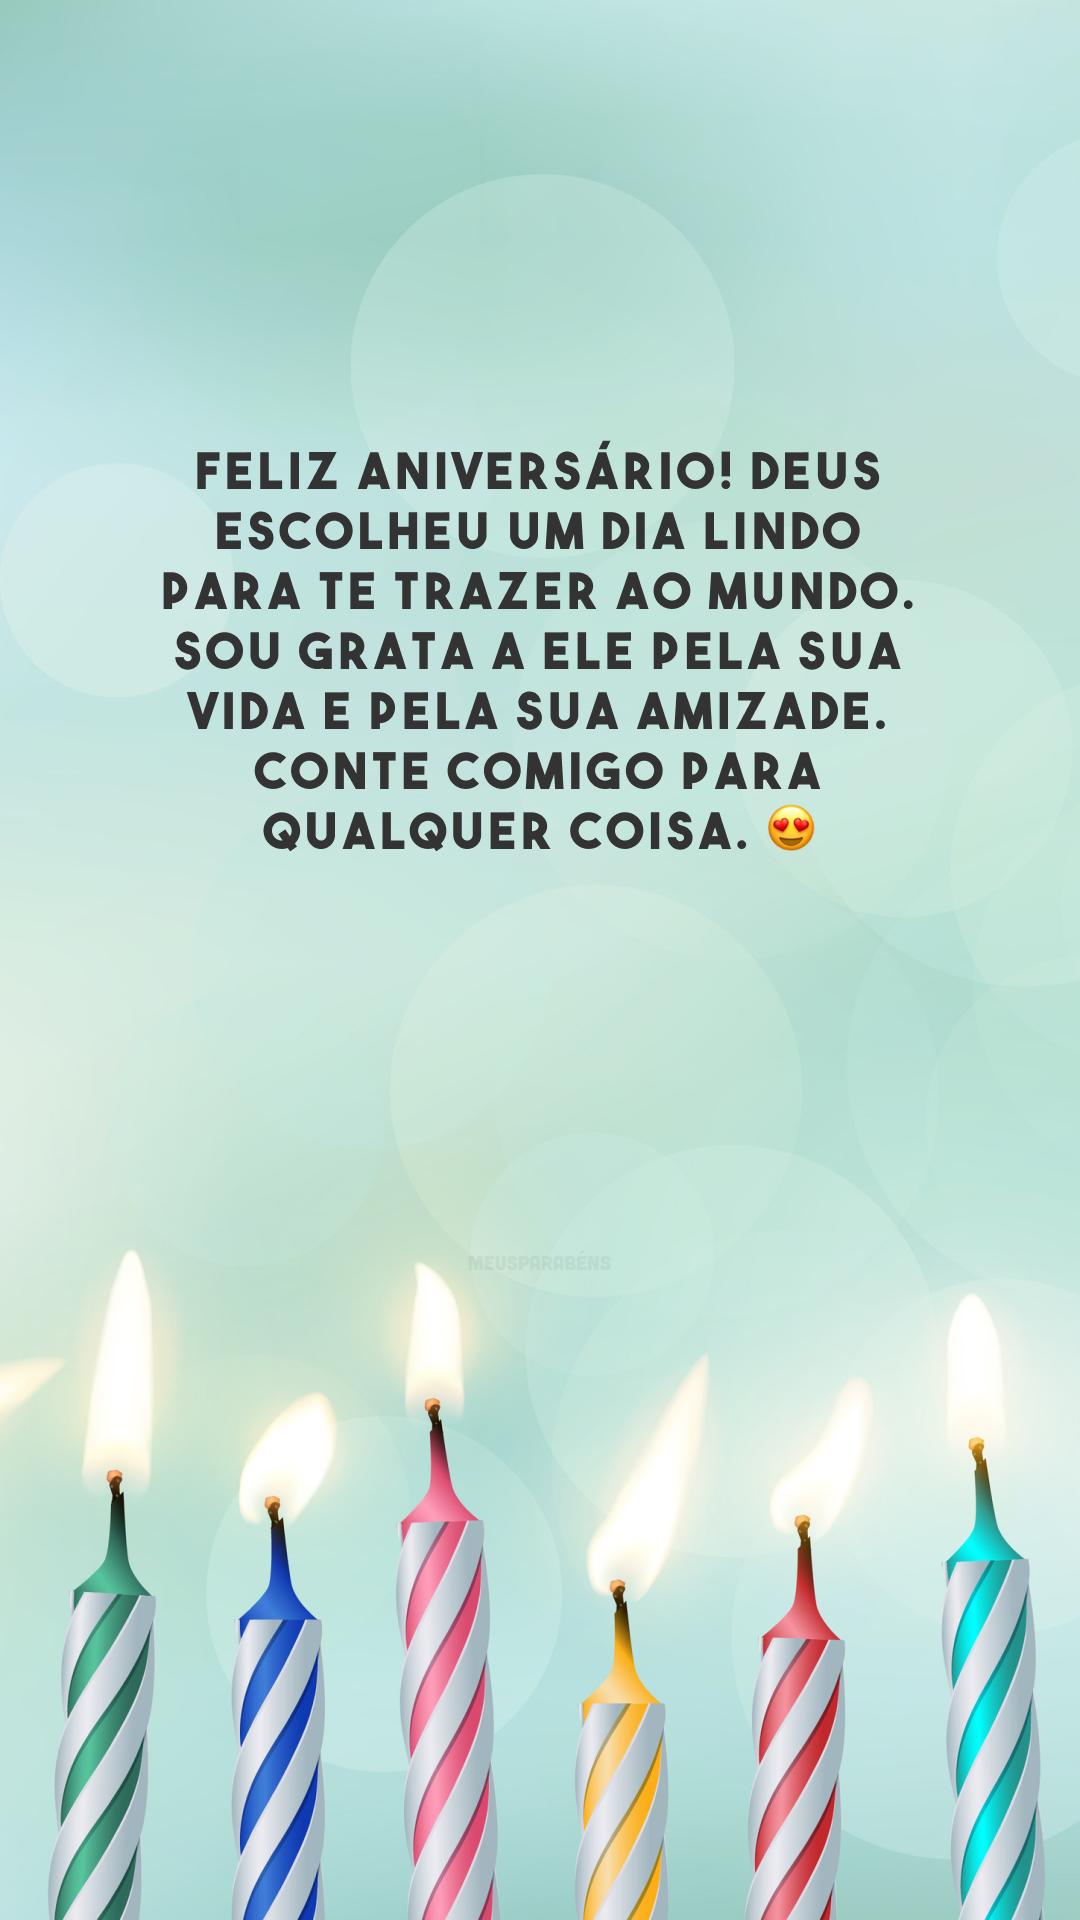 Feliz aniversário! Deus escolheu um dia lindo para te trazer ao mundo. Sou grata a Ele pela sua vida e pela sua amizade. Conte comigo para qualquer coisa. 😍